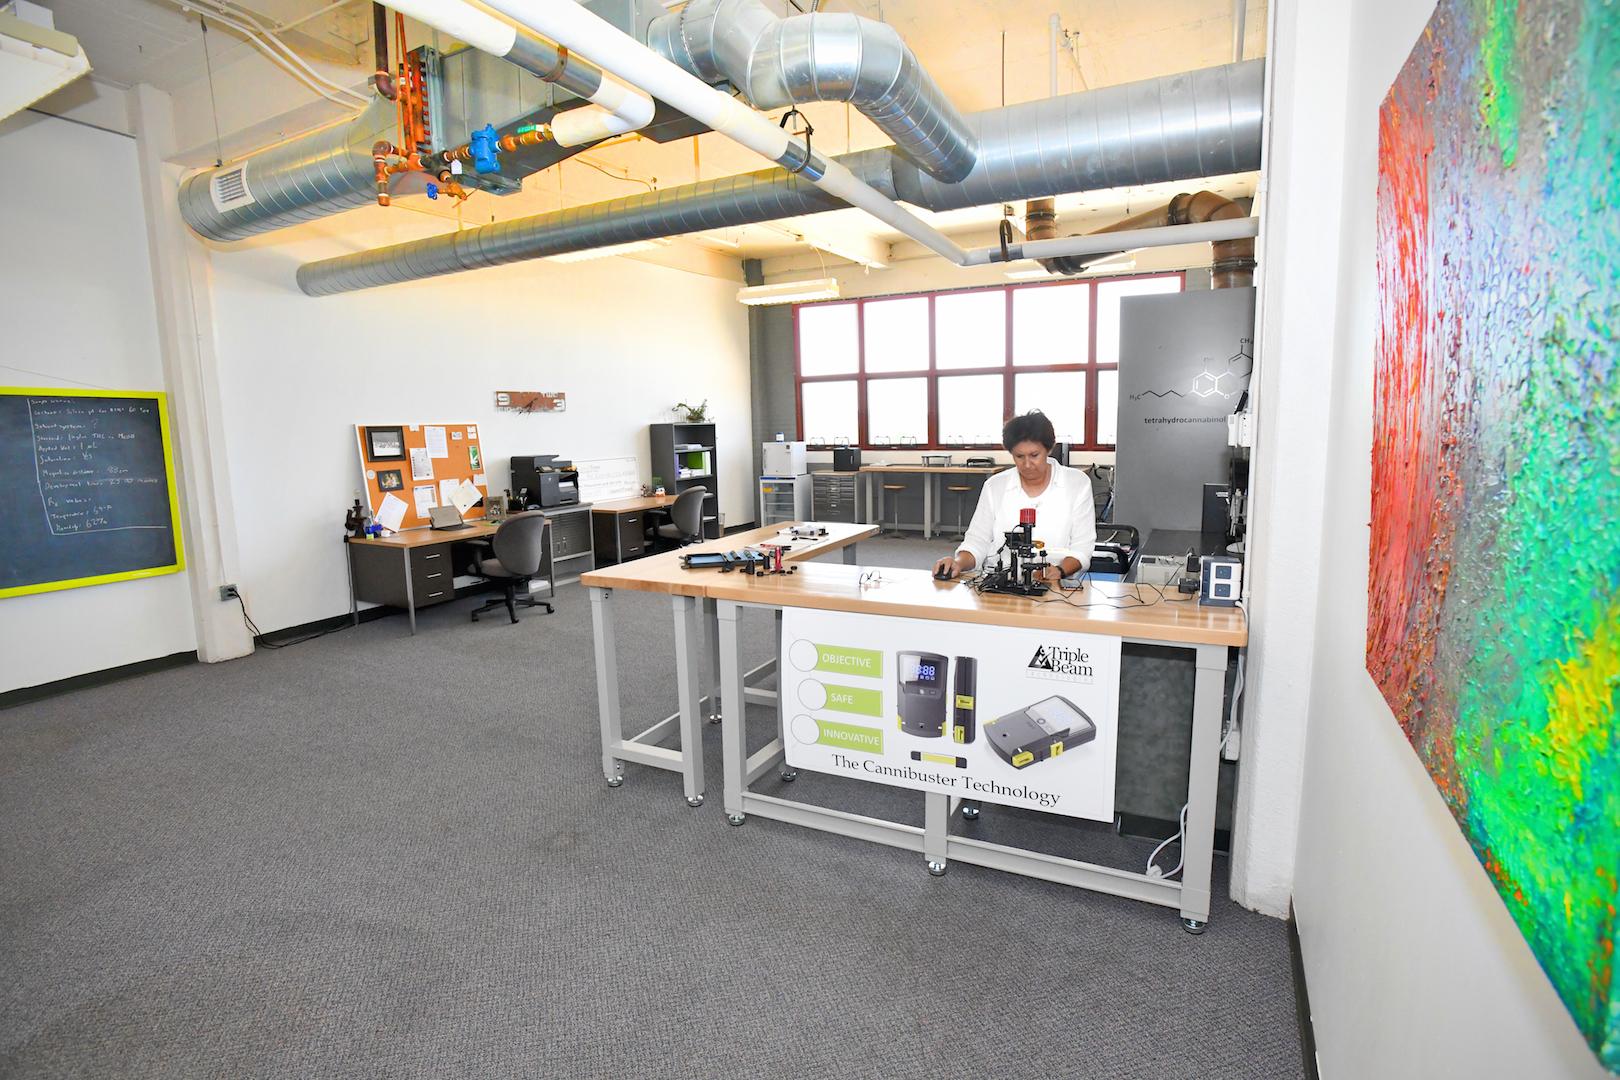 Triple Beam lab on 8th floor